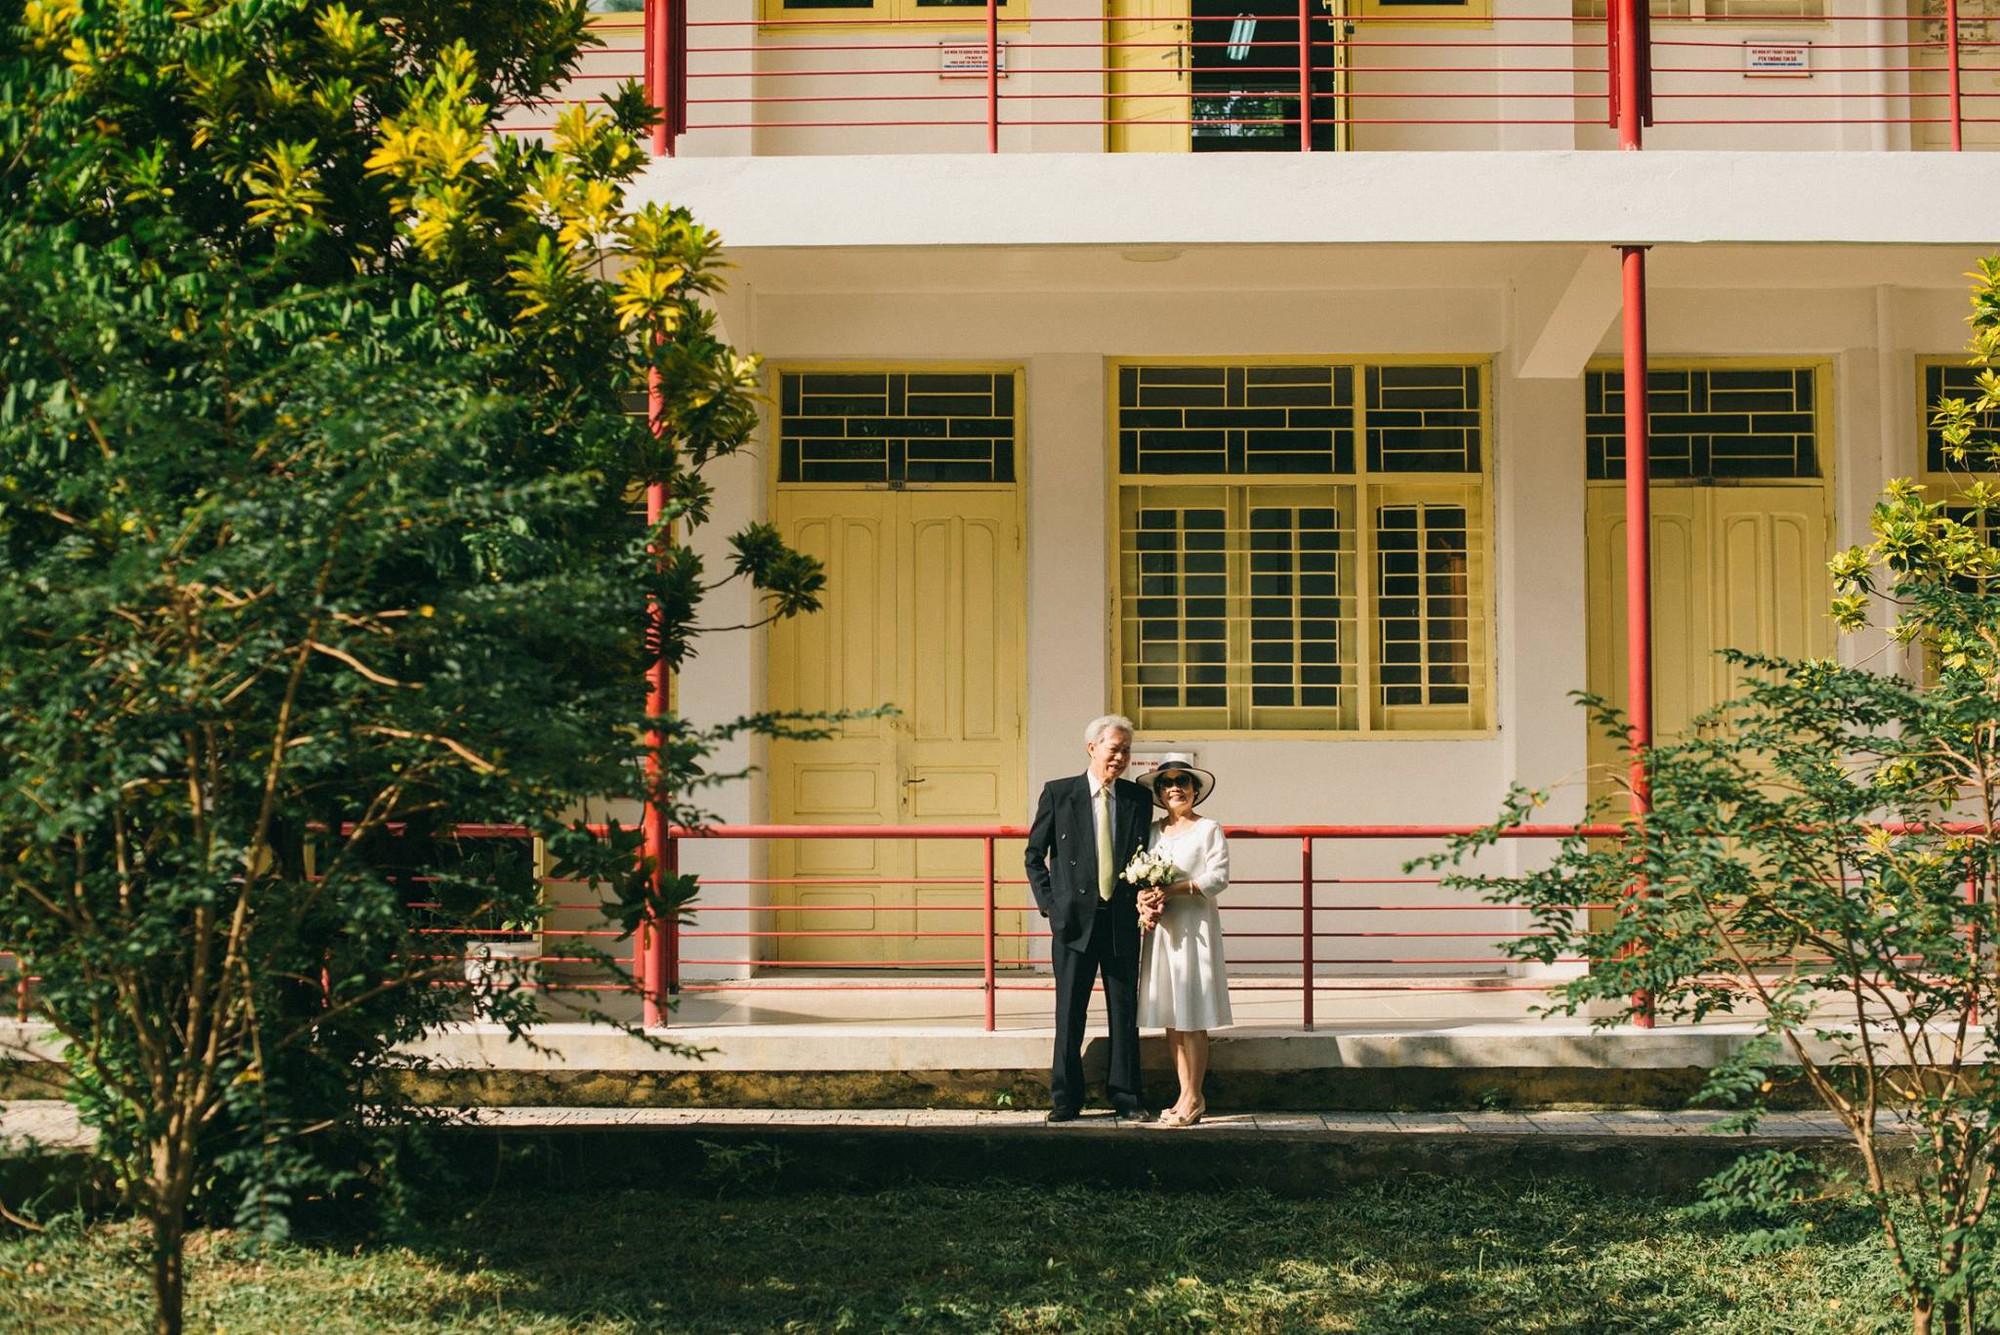 Bộ ảnh cưới đầu tiên sau 45 năm kết hôn và chia sẻ xúc động của cựu CEO Uber Việt Nam cho bố mẹ - Ảnh 11.